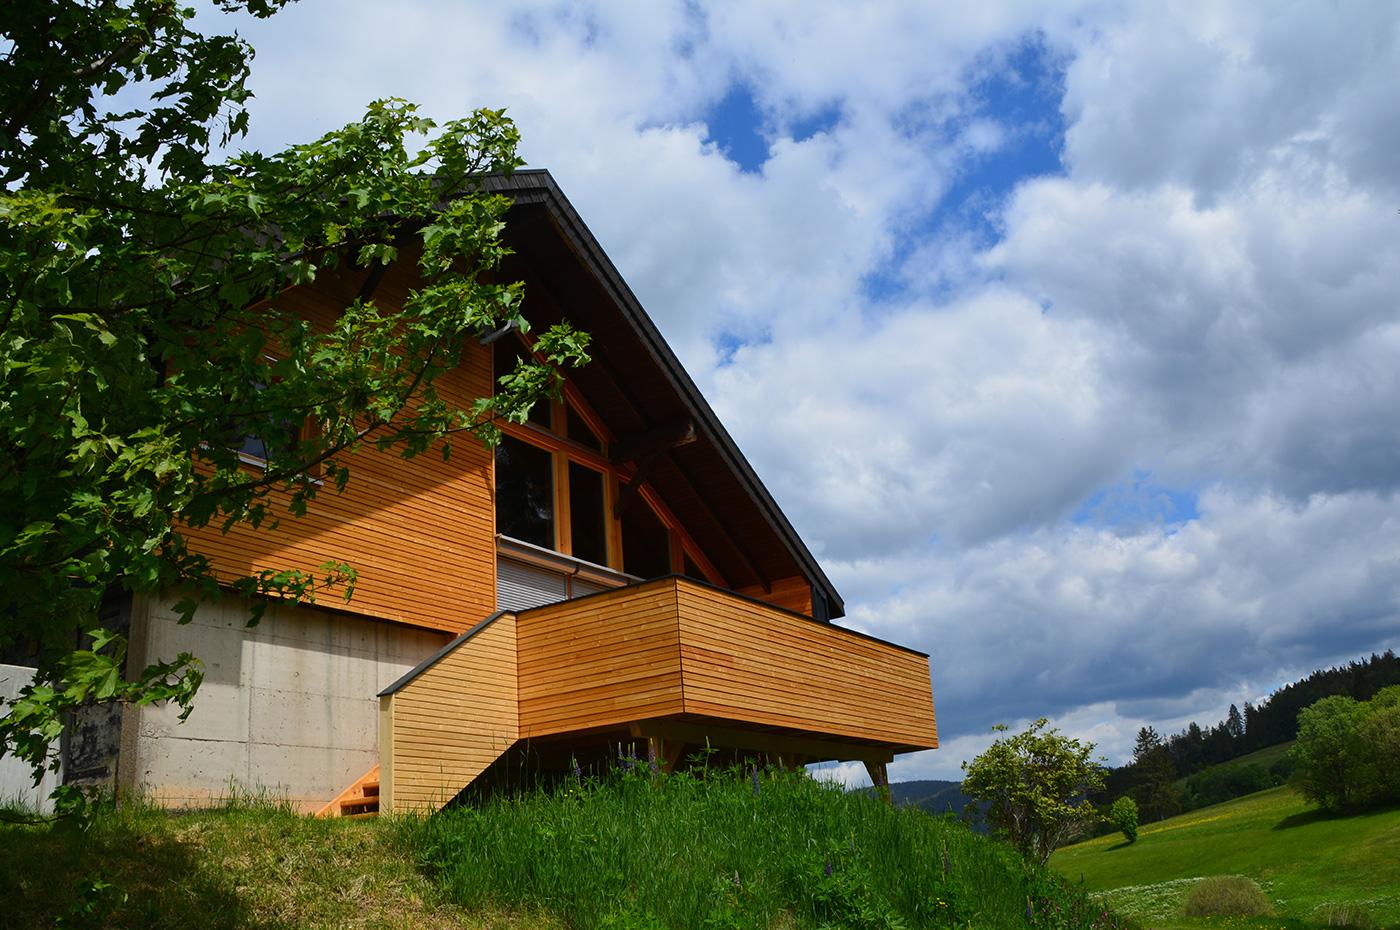 Holzfassade-Zumkeller-Holz-Todtmoos